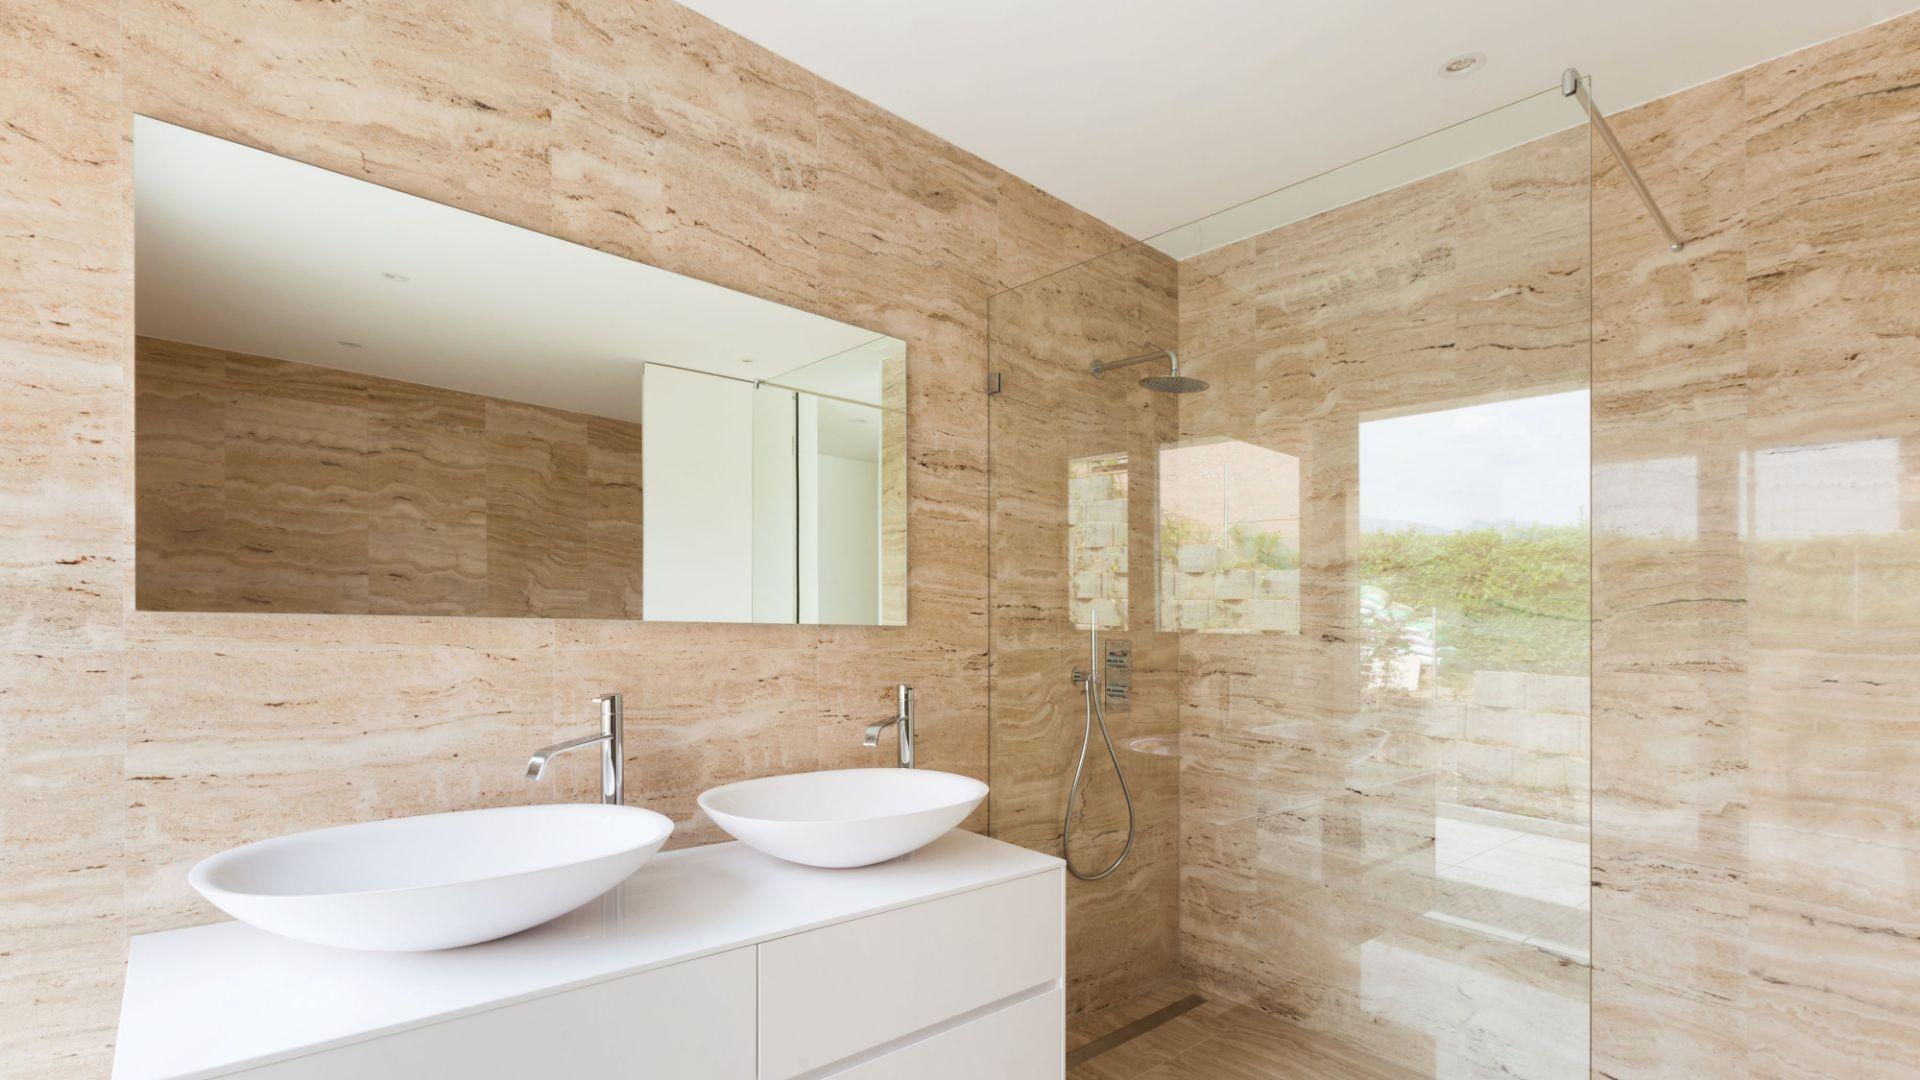 Venta de saneamientos, griferías y materiales de construcción Granada